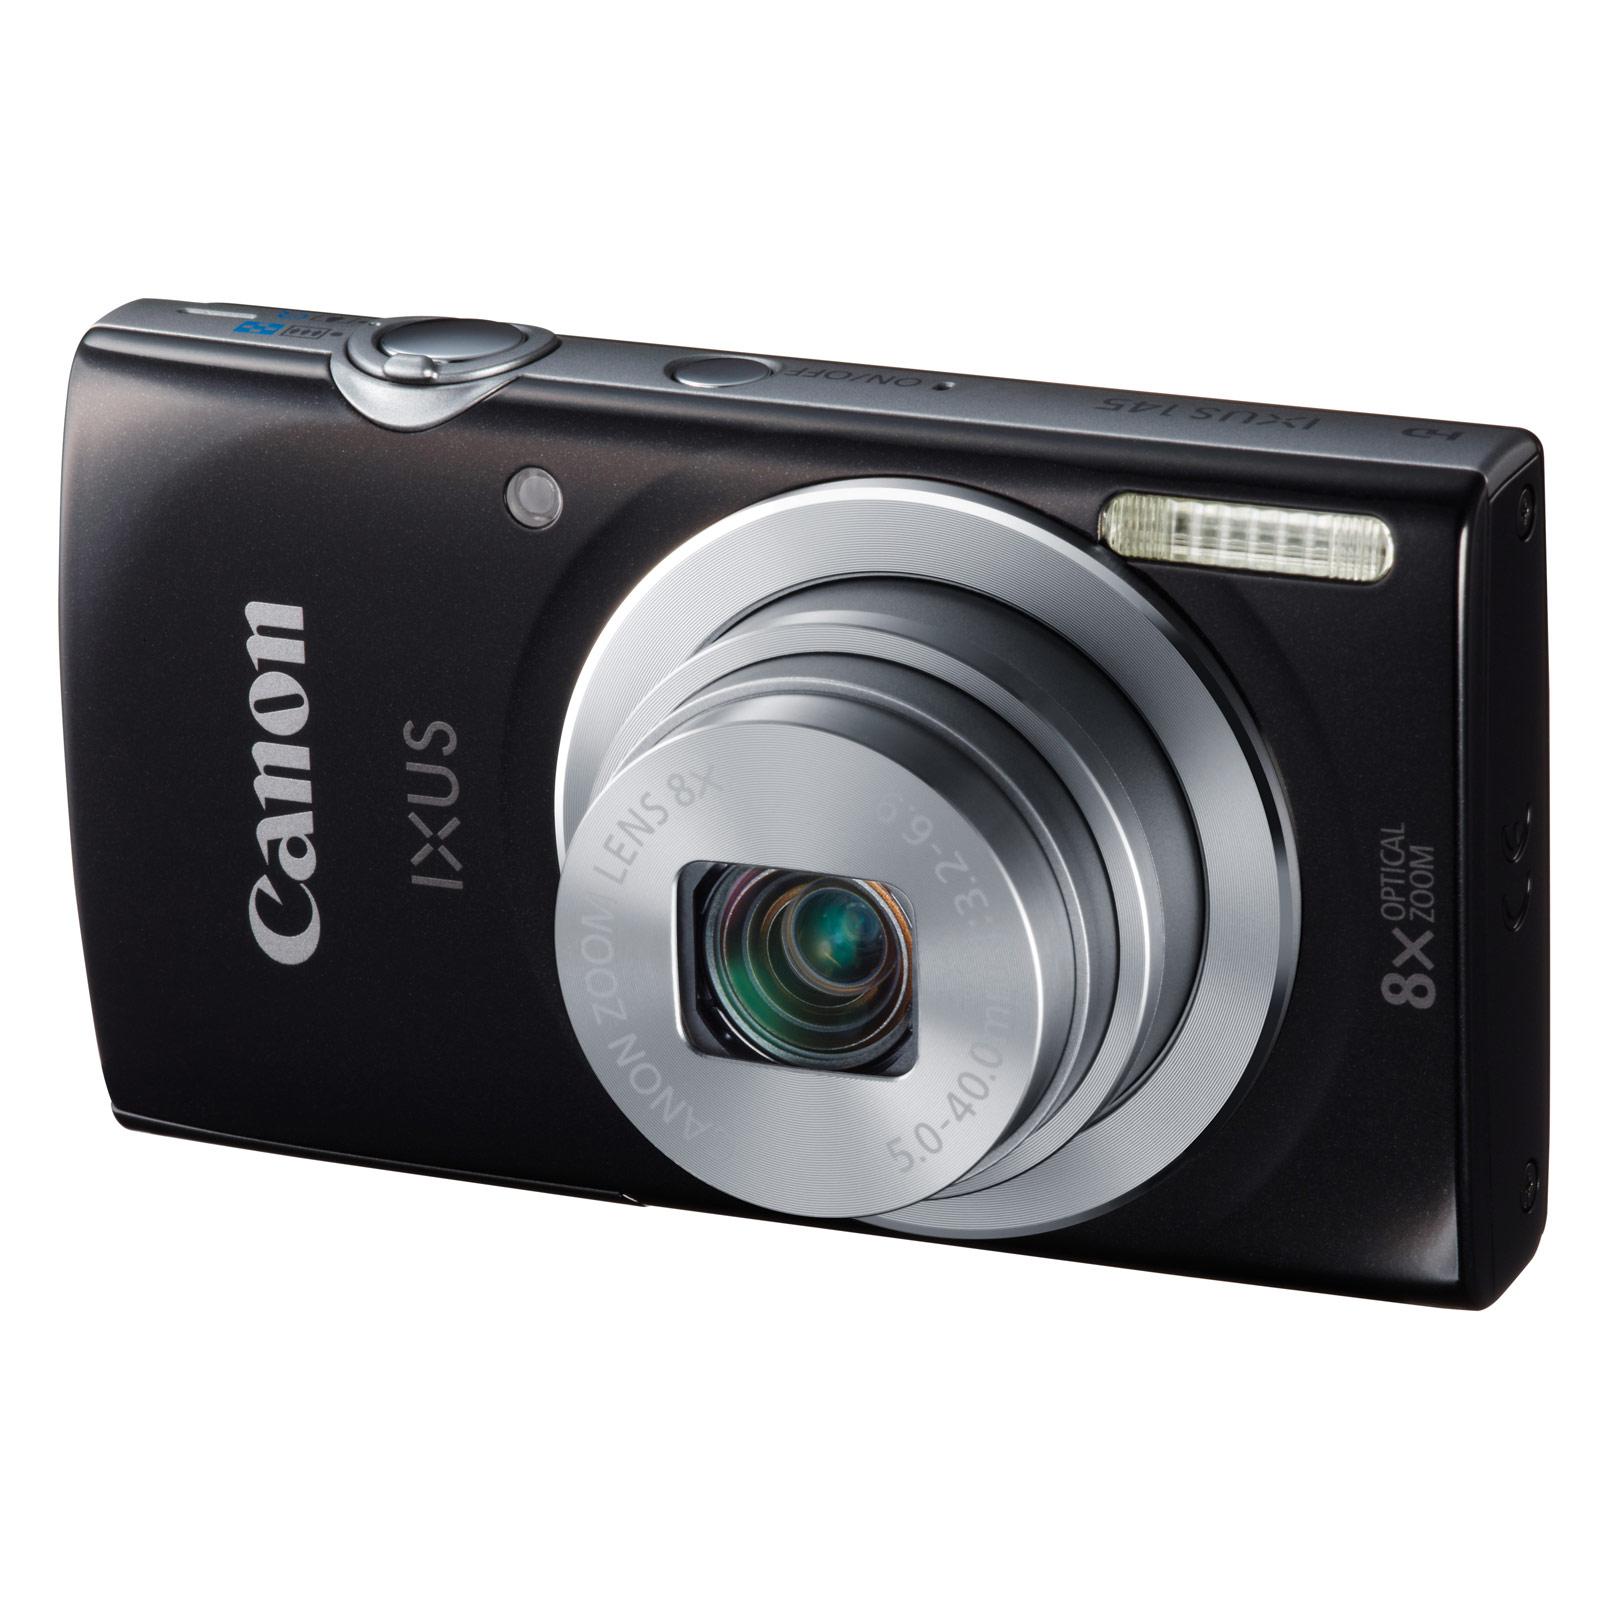 canon ixus 145 noir appareil photo num rique canon sur. Black Bedroom Furniture Sets. Home Design Ideas